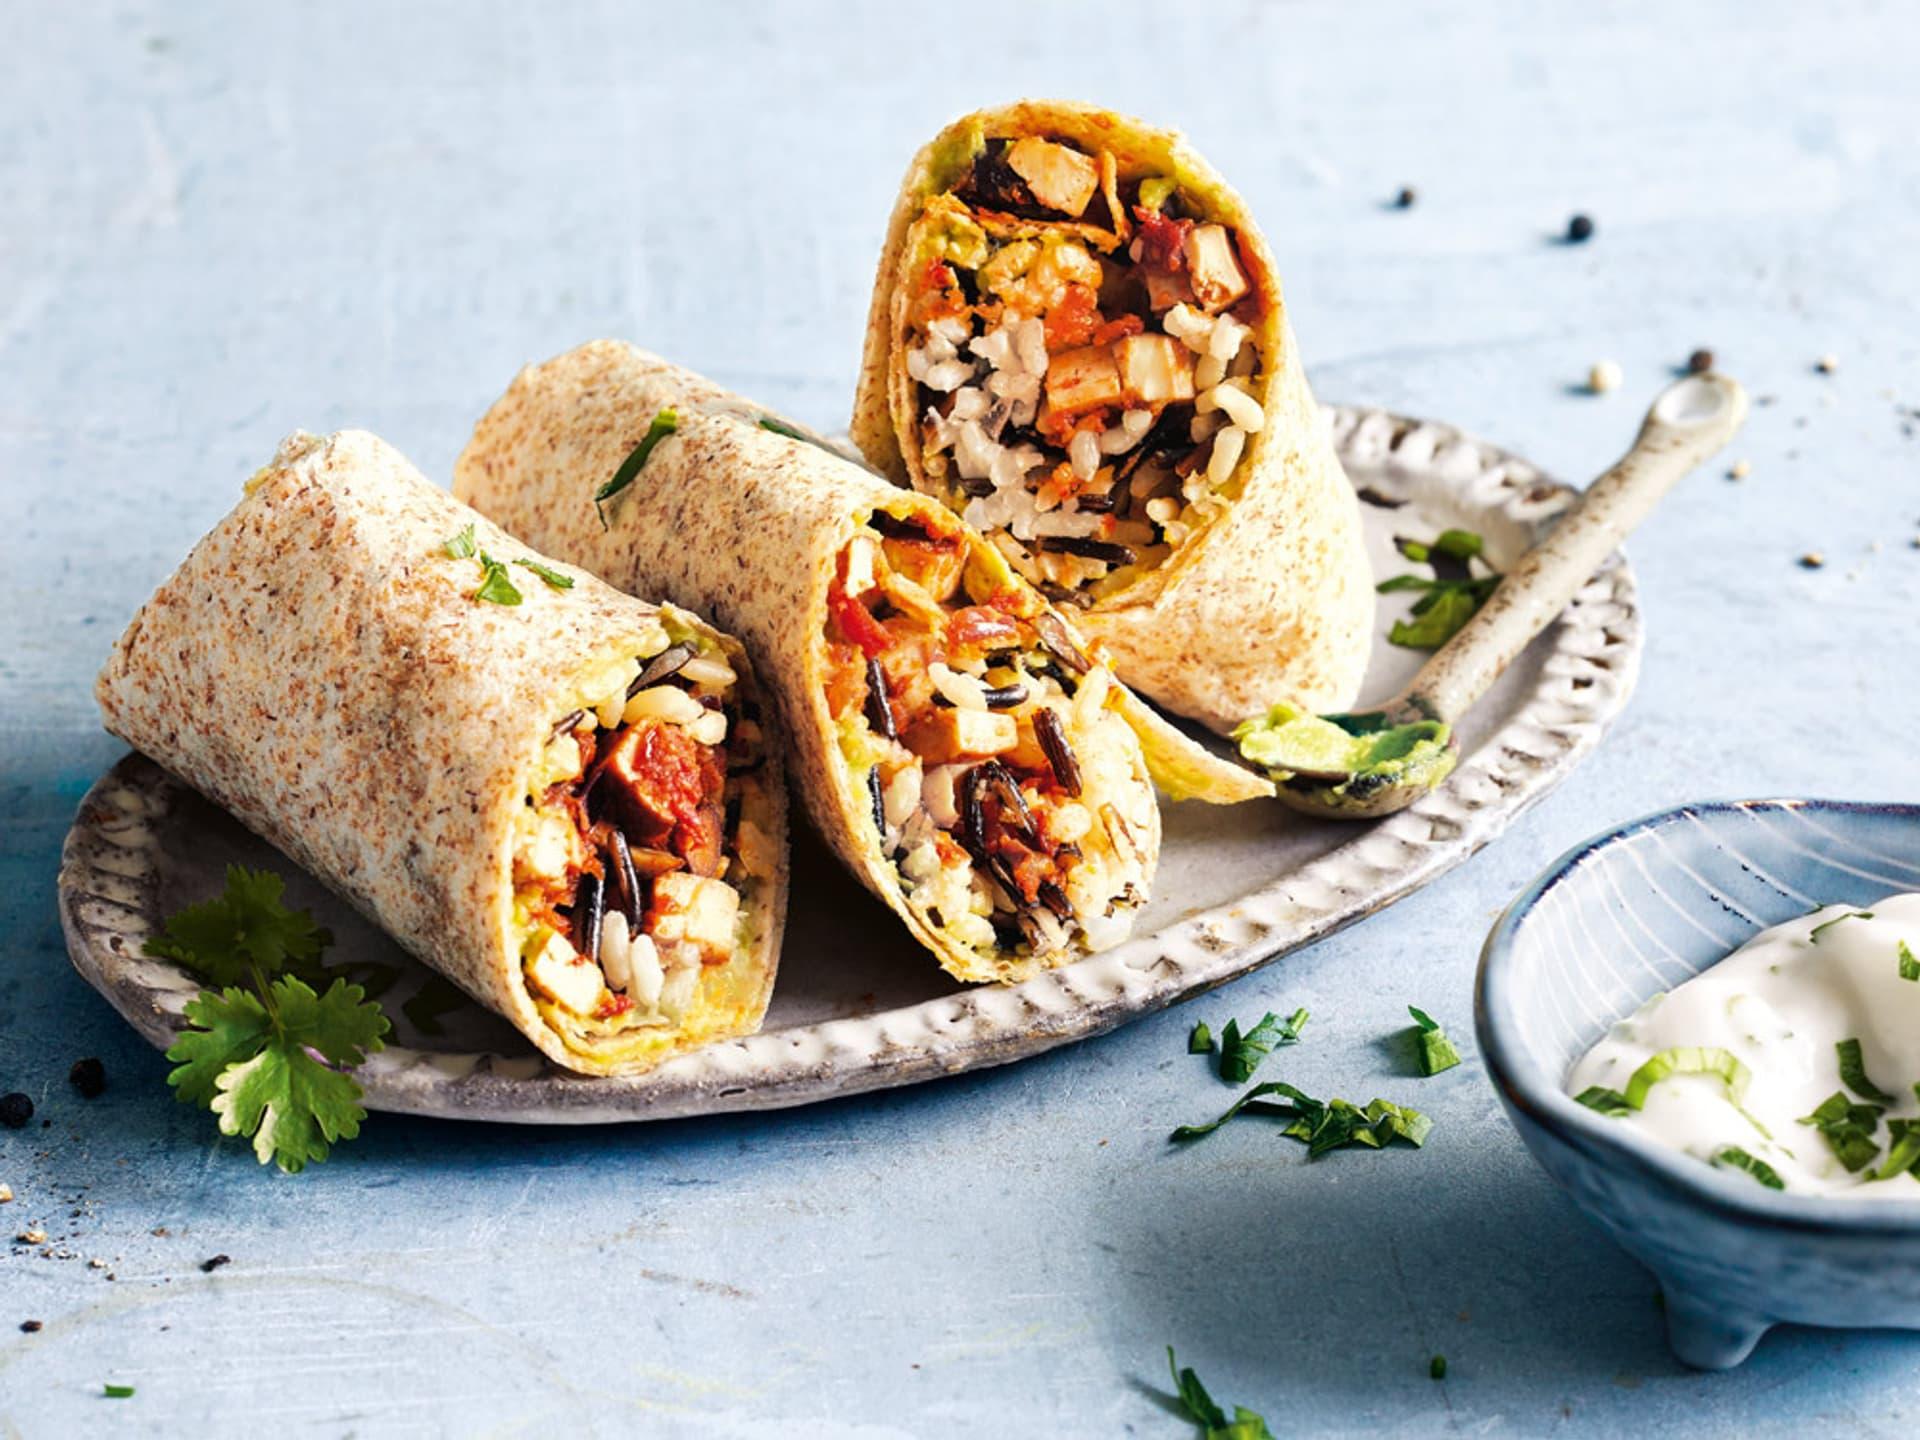 Drei schräg aufgeschnittene Burritos, die gefüllt sind mit buntem Reis, Bohnen und Tofu. Garniert mit Koriander-Blättern.